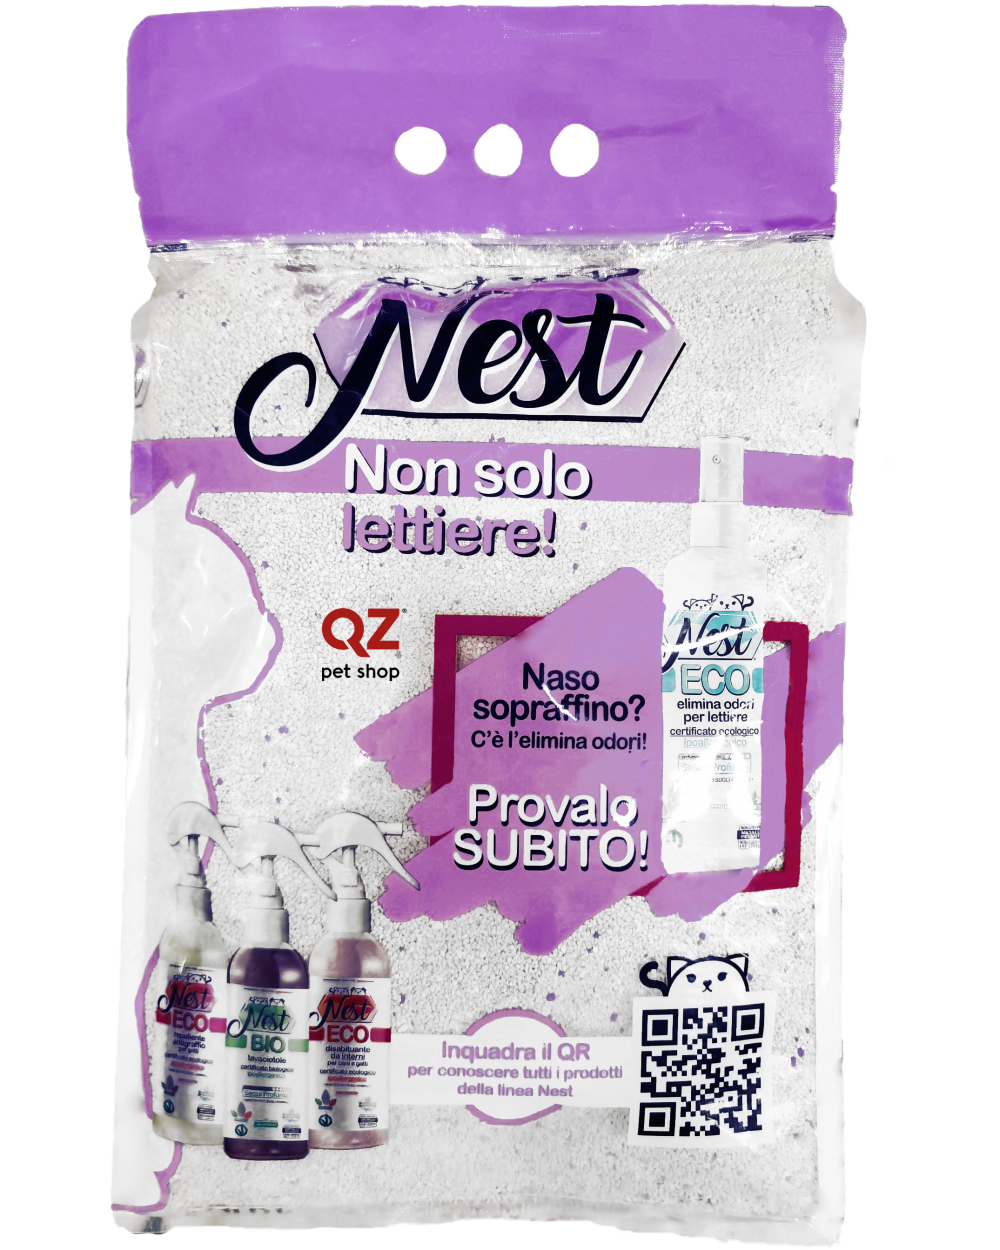 Nest White Litter Lettiera Agglomerante Depolverizzata in Bentonite Profumata alla Lavanda10 lt